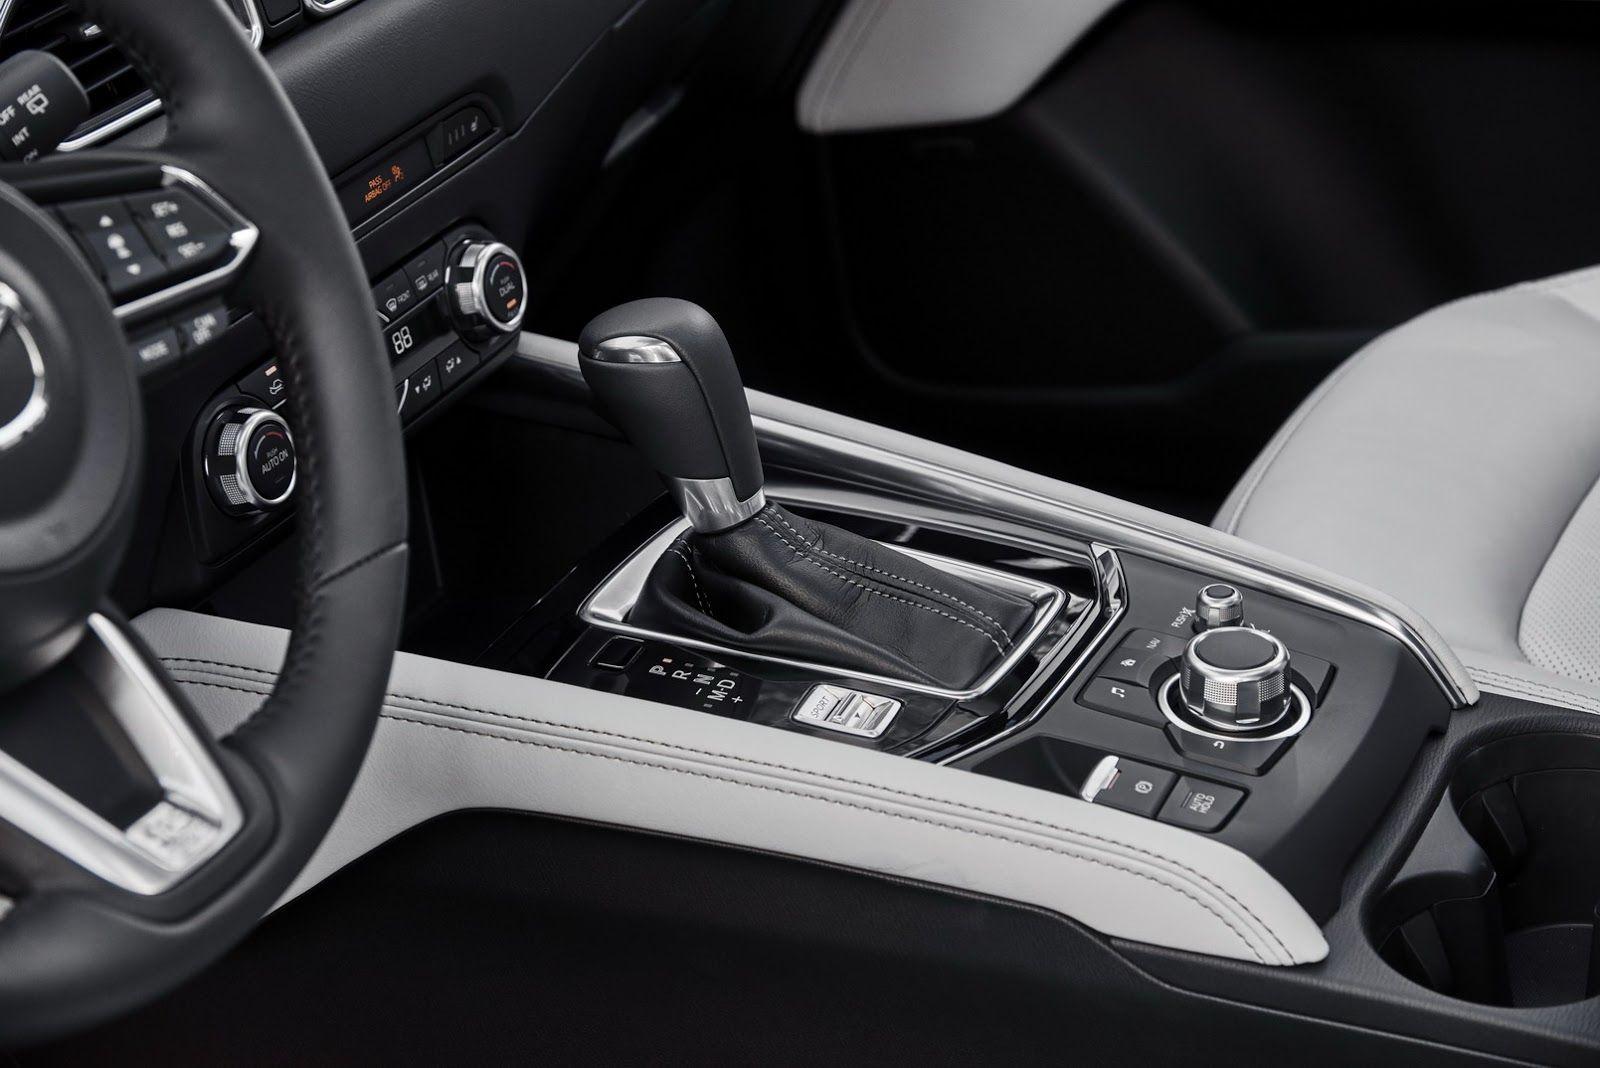 Mazda S All New 2017 Cx 5 Gets Overhauled Design And New Tech Carscoops Mazda Mazda Cx5 Mazda Cx5 Interior